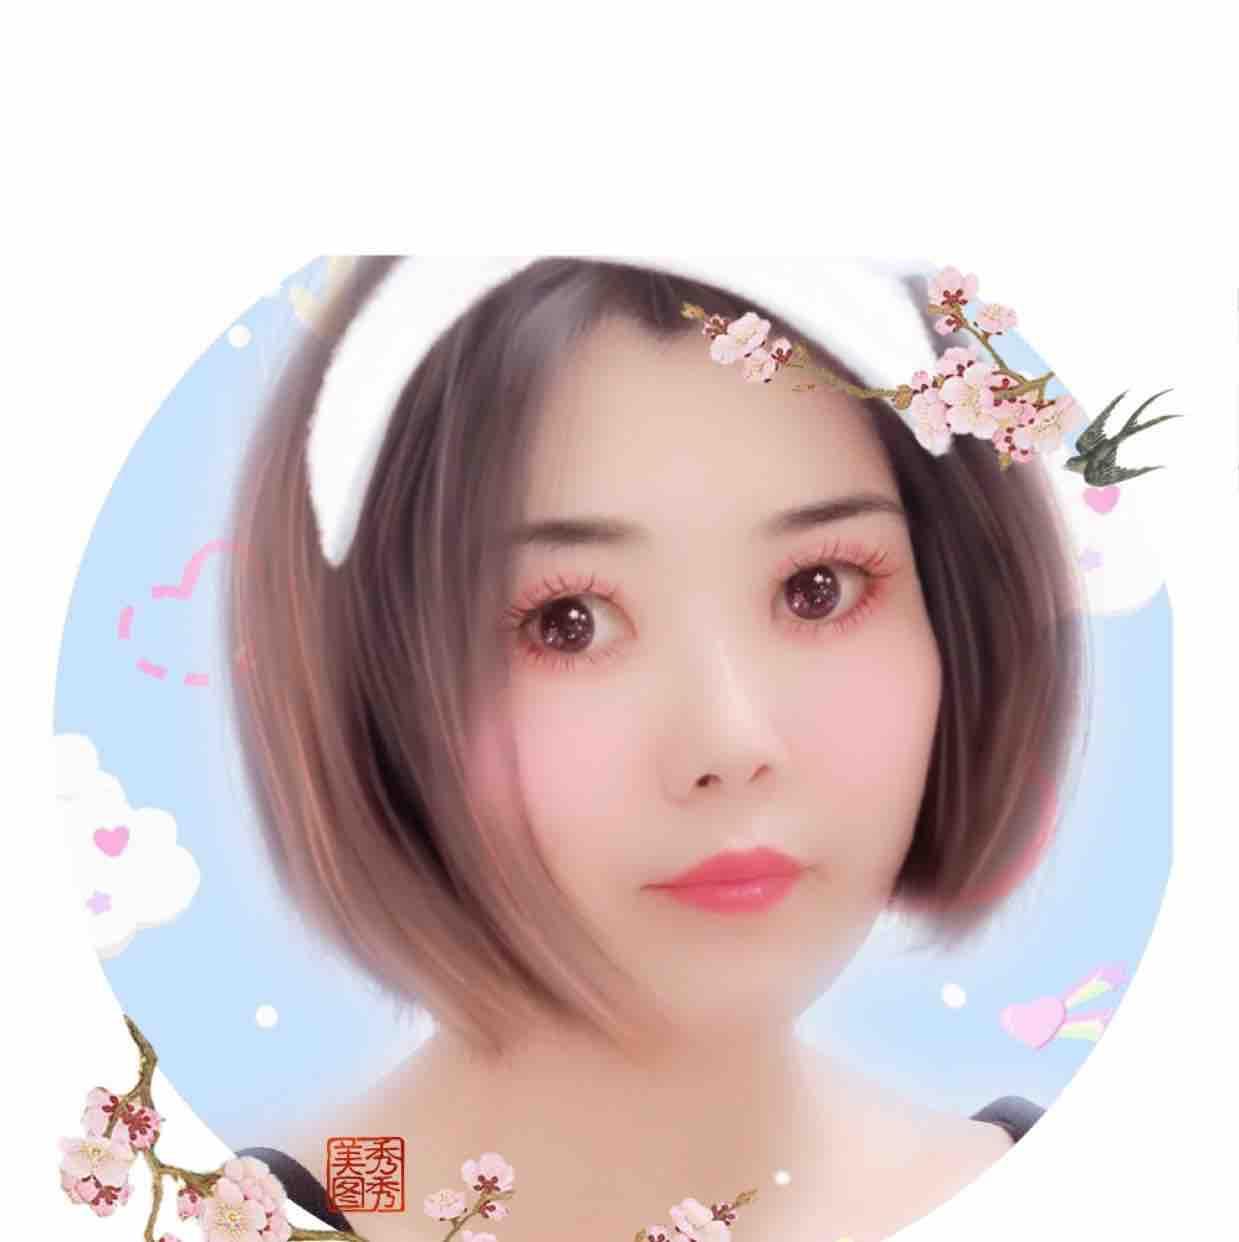 妞吖影视剪辑